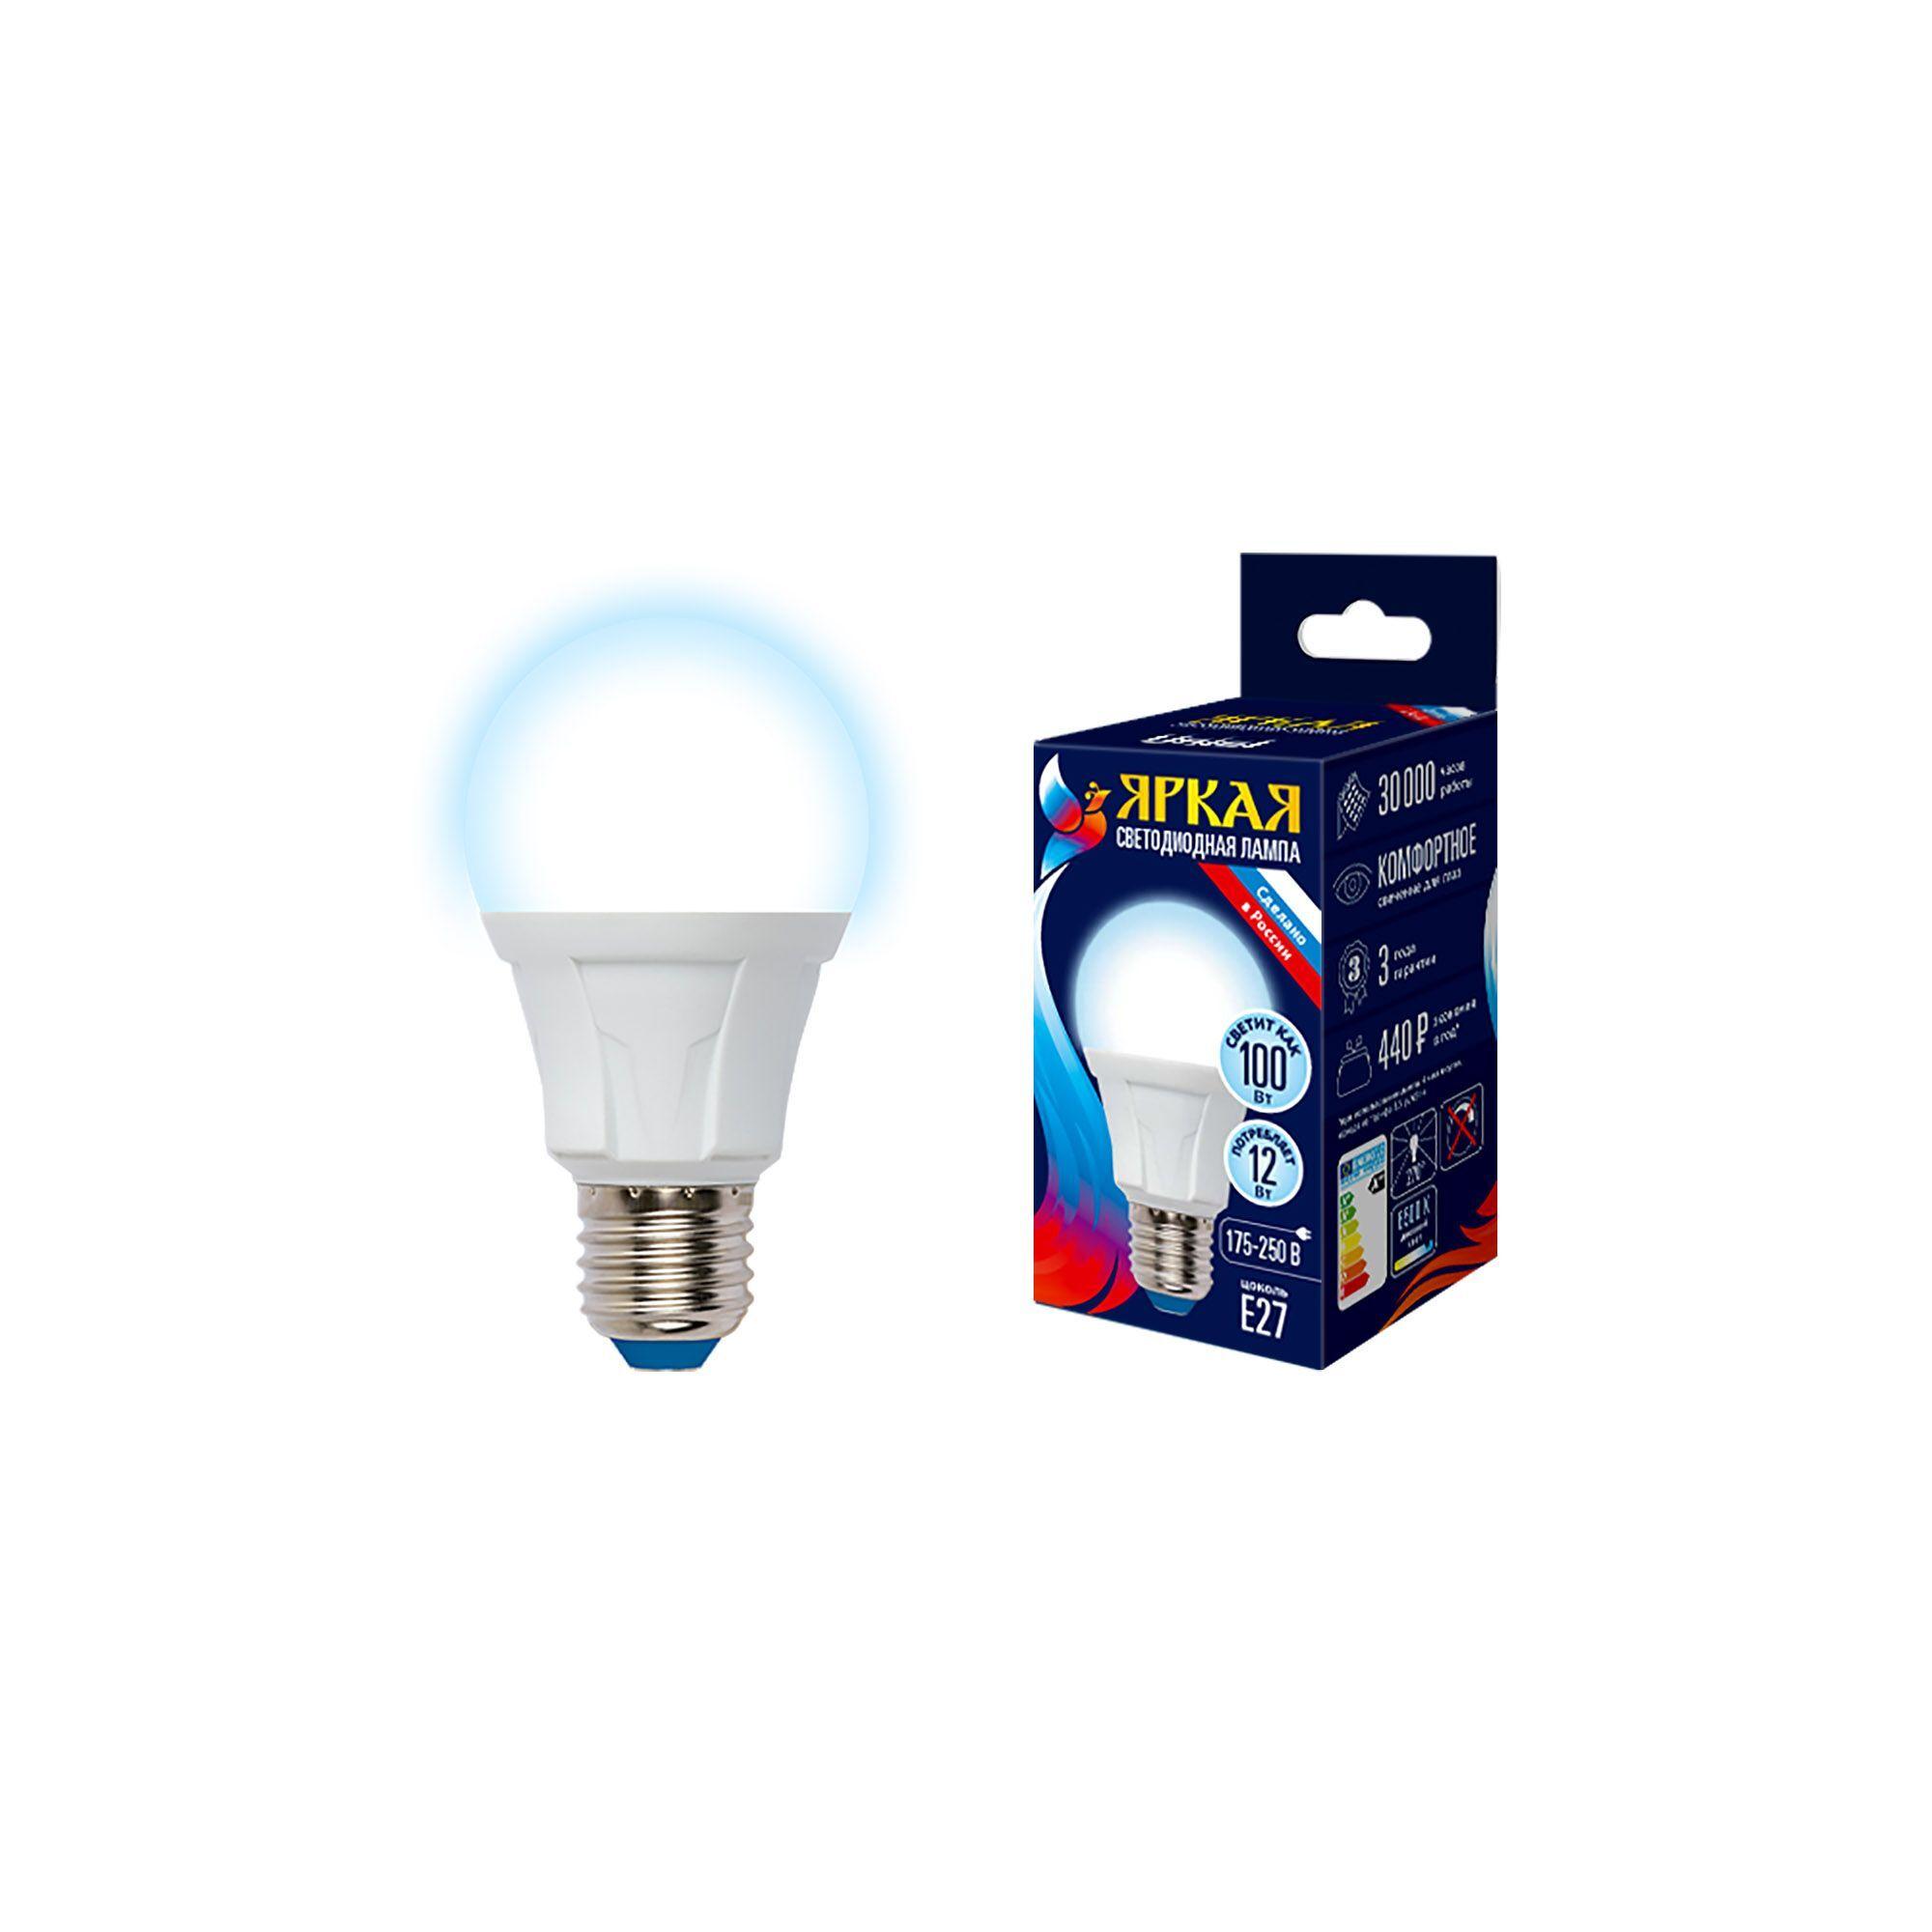 Лампа светодиодная «Яркая» E27 220 В 12 Вт груша матовая 1000 лм холодный белый свет